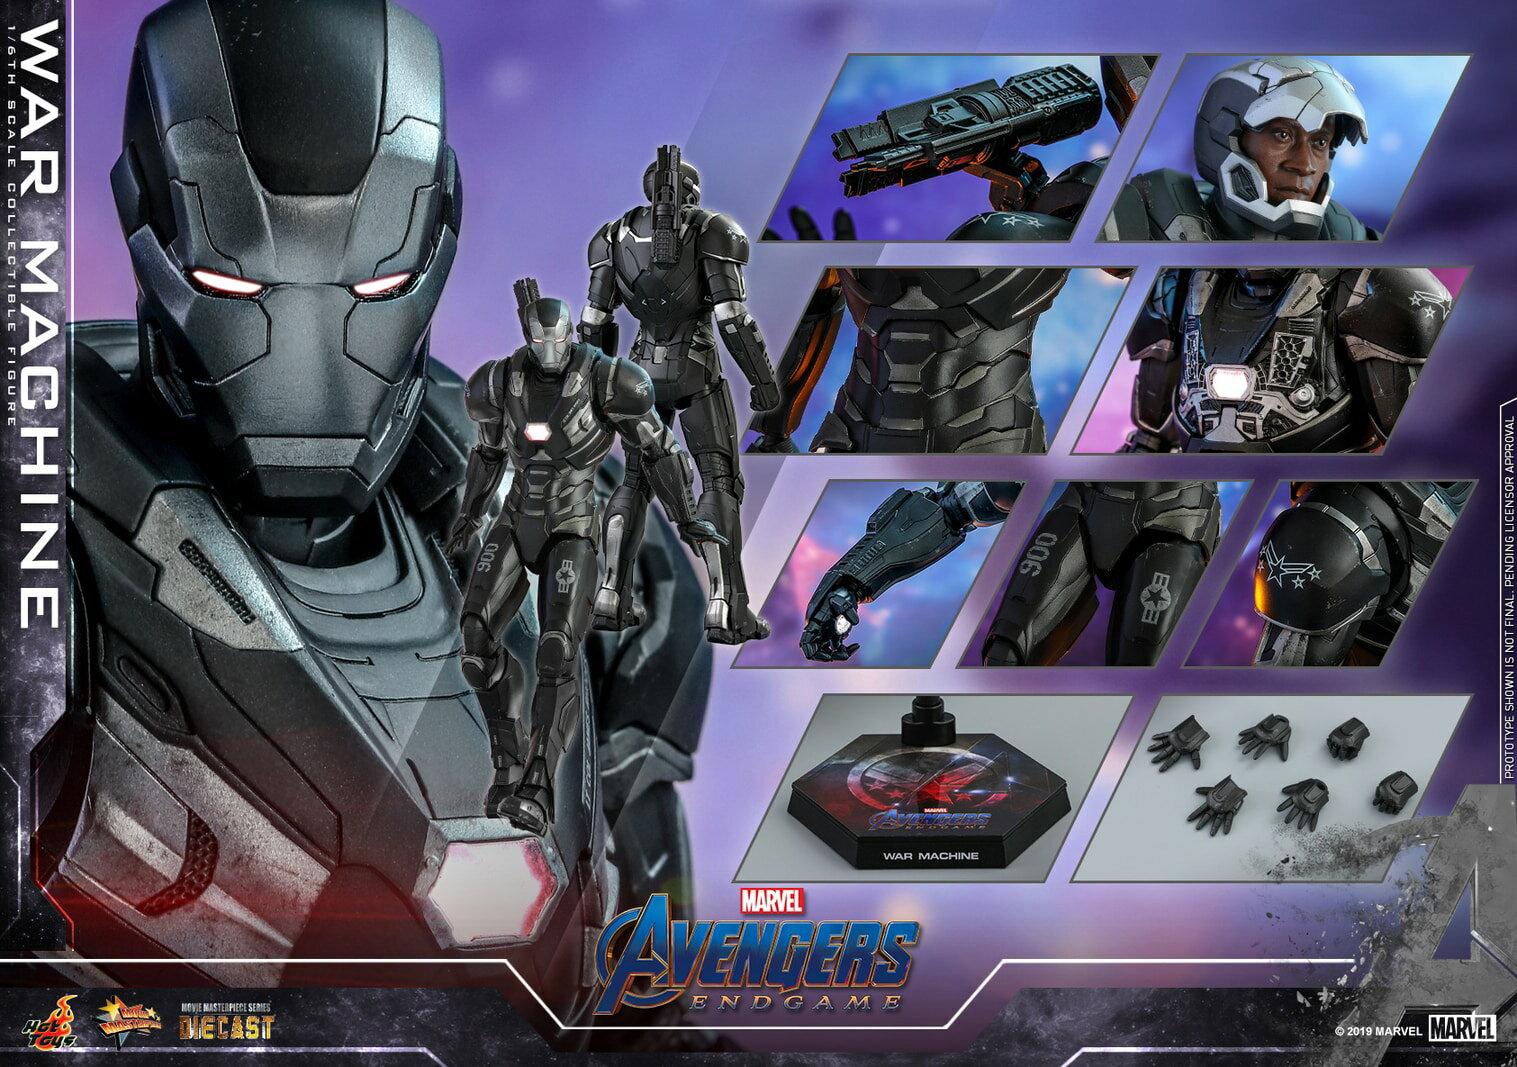 コレクション, フィギュア Hottoys MMS530D31 16 Avengers: Endgame - War Machine